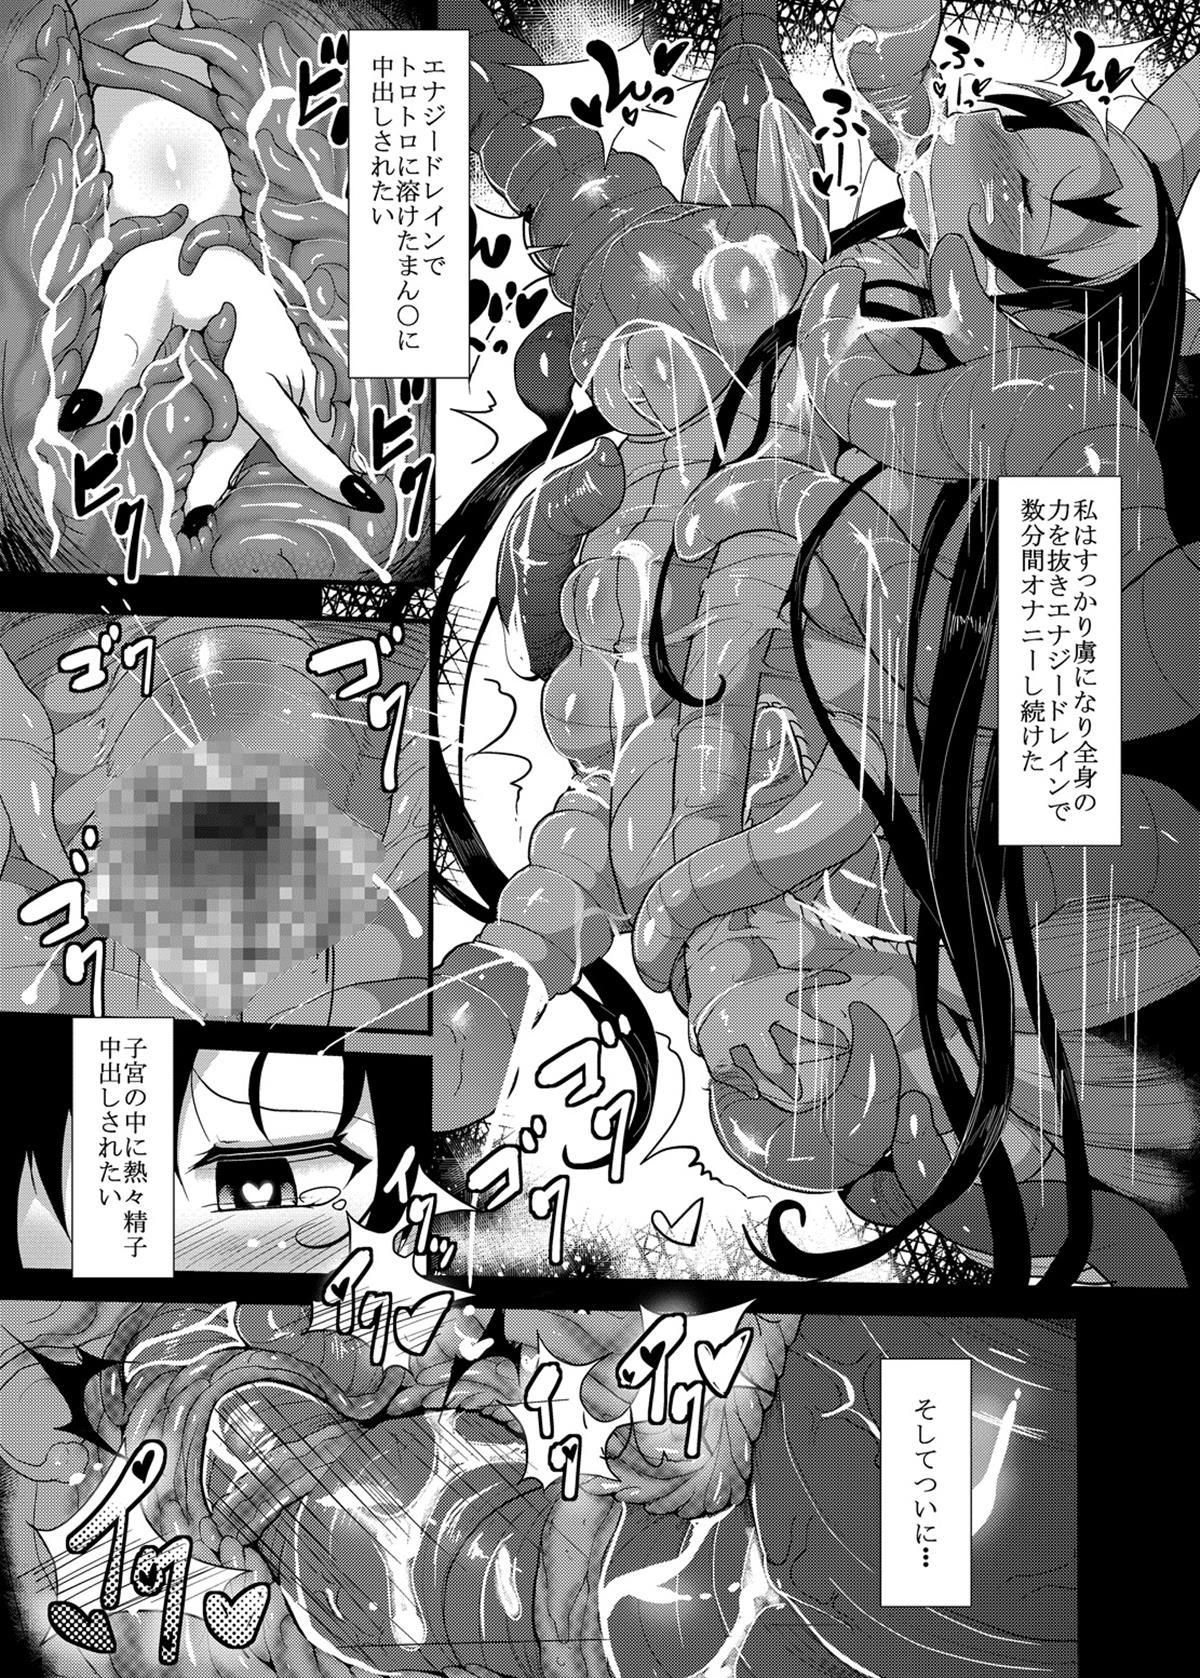 【エロ漫画・エロ同人誌】触手に媚薬まみれにされて堕ちて行く巨乳娘www (18)